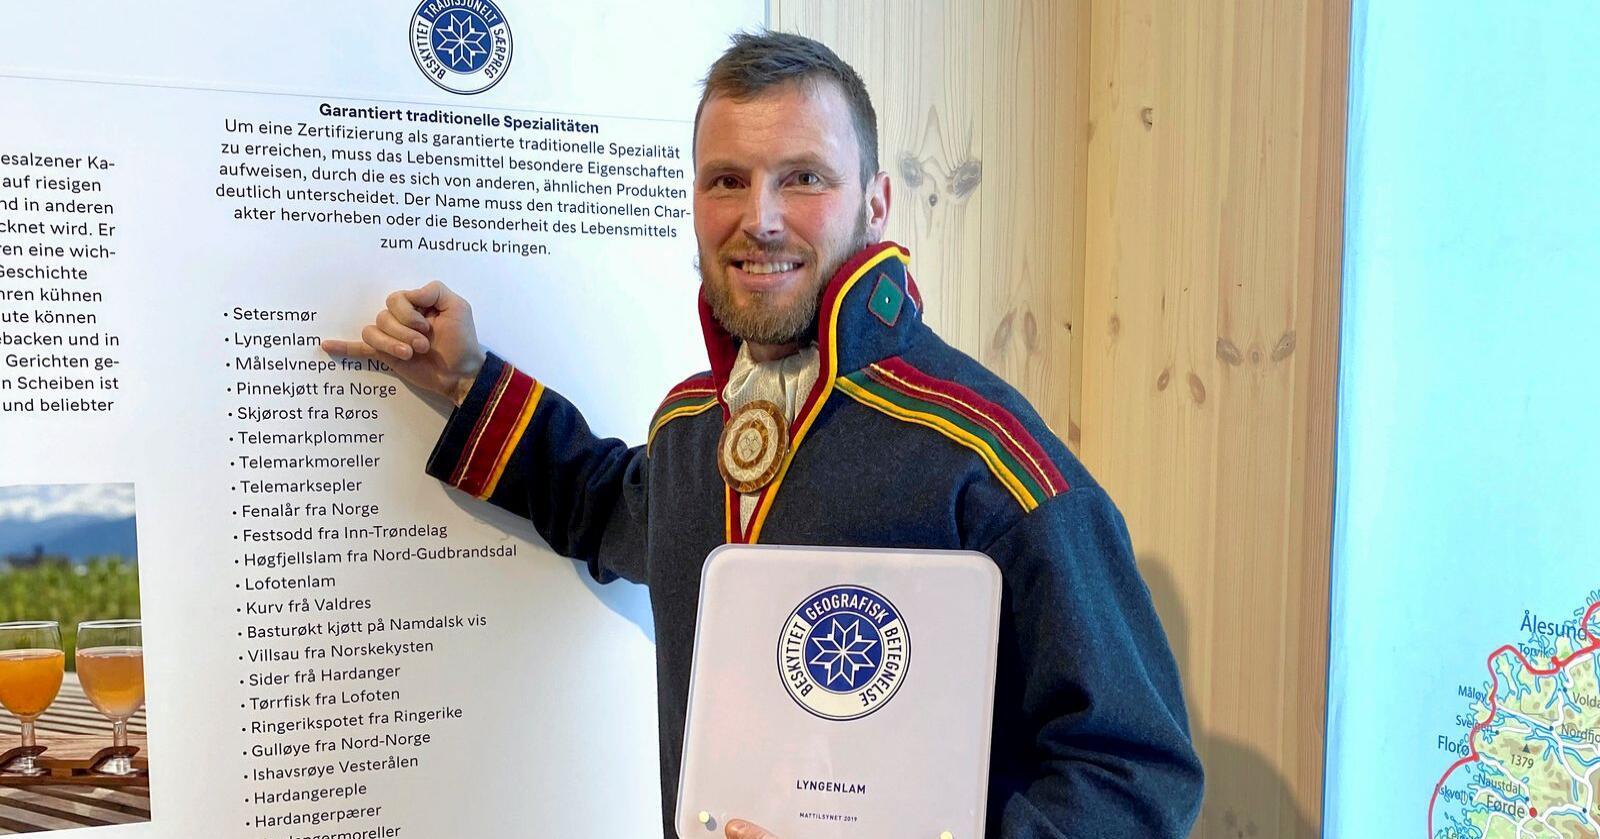 Runo Berglund fra Lyngenlam SA, som fekk beskytta geografisk betegnelse på Grüne Woche 2020. Foto: Anne Mette Johnsen, Matmerk